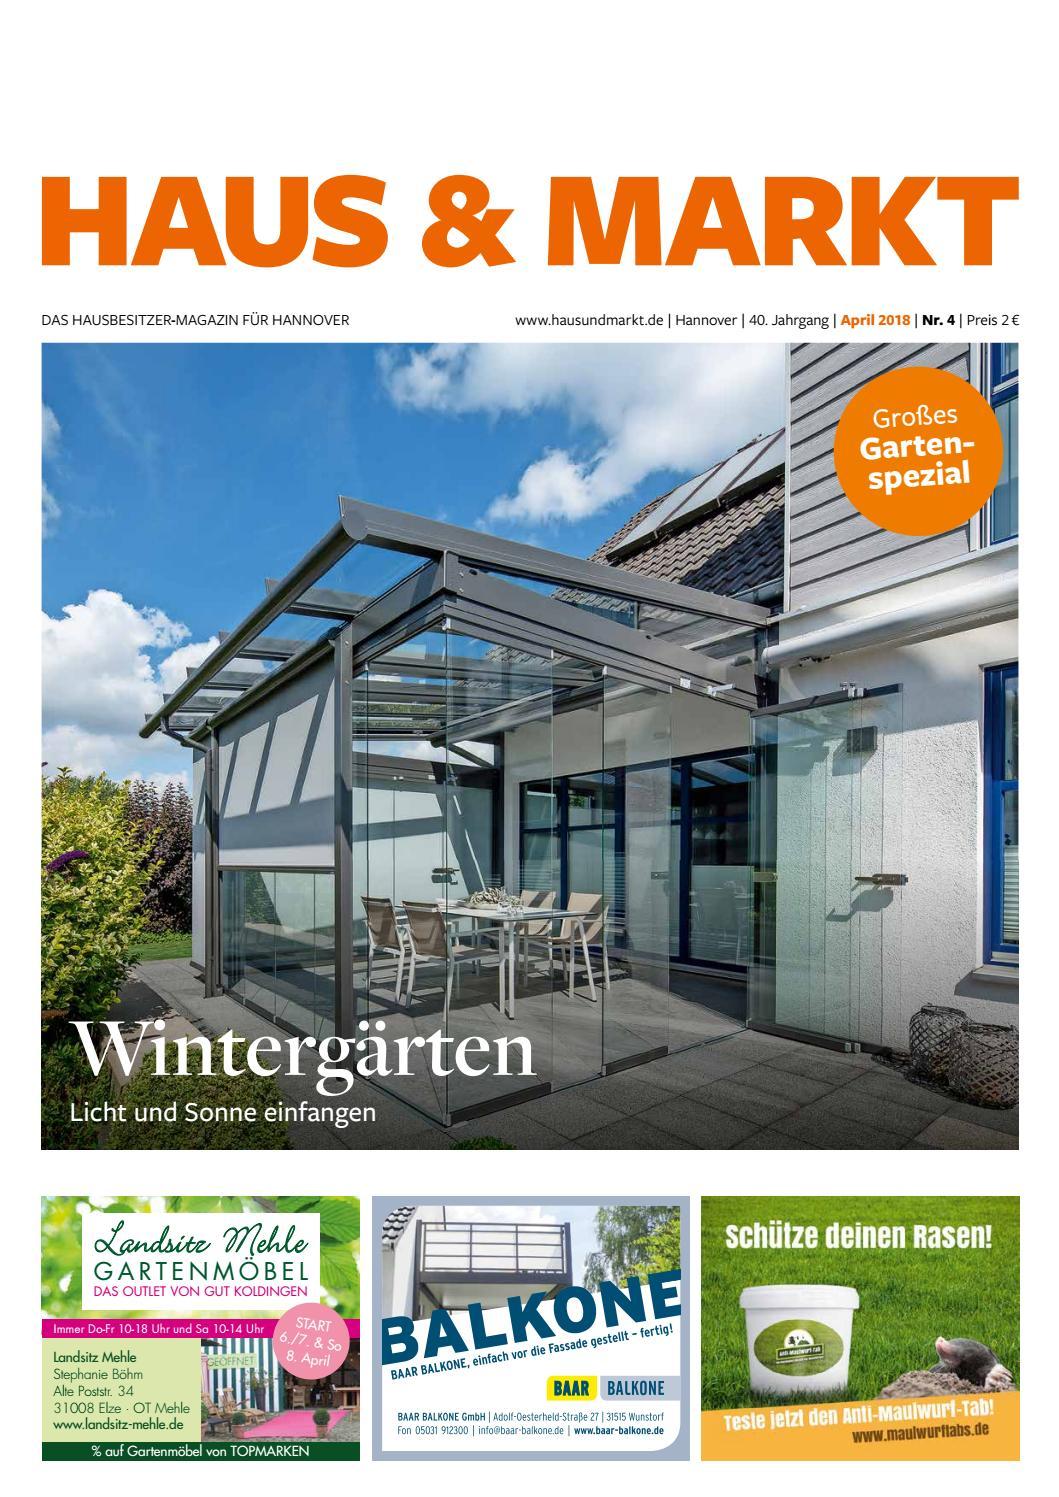 Elegant Haus Und Markt 04 2018 By Schluetersche   Issuu